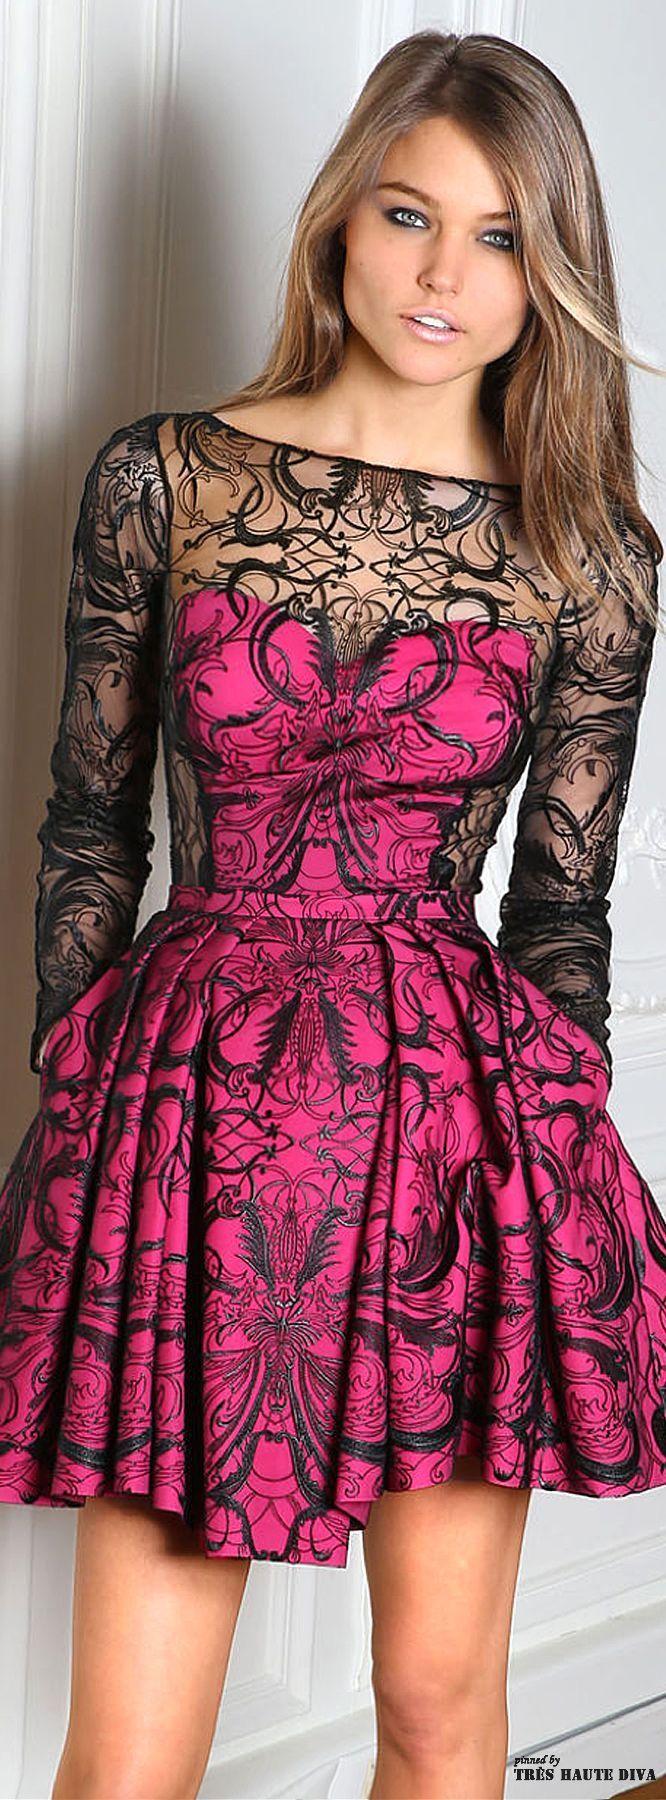 Fashion round | Vestidos de ocasión | Pinterest | Moda femenina ...